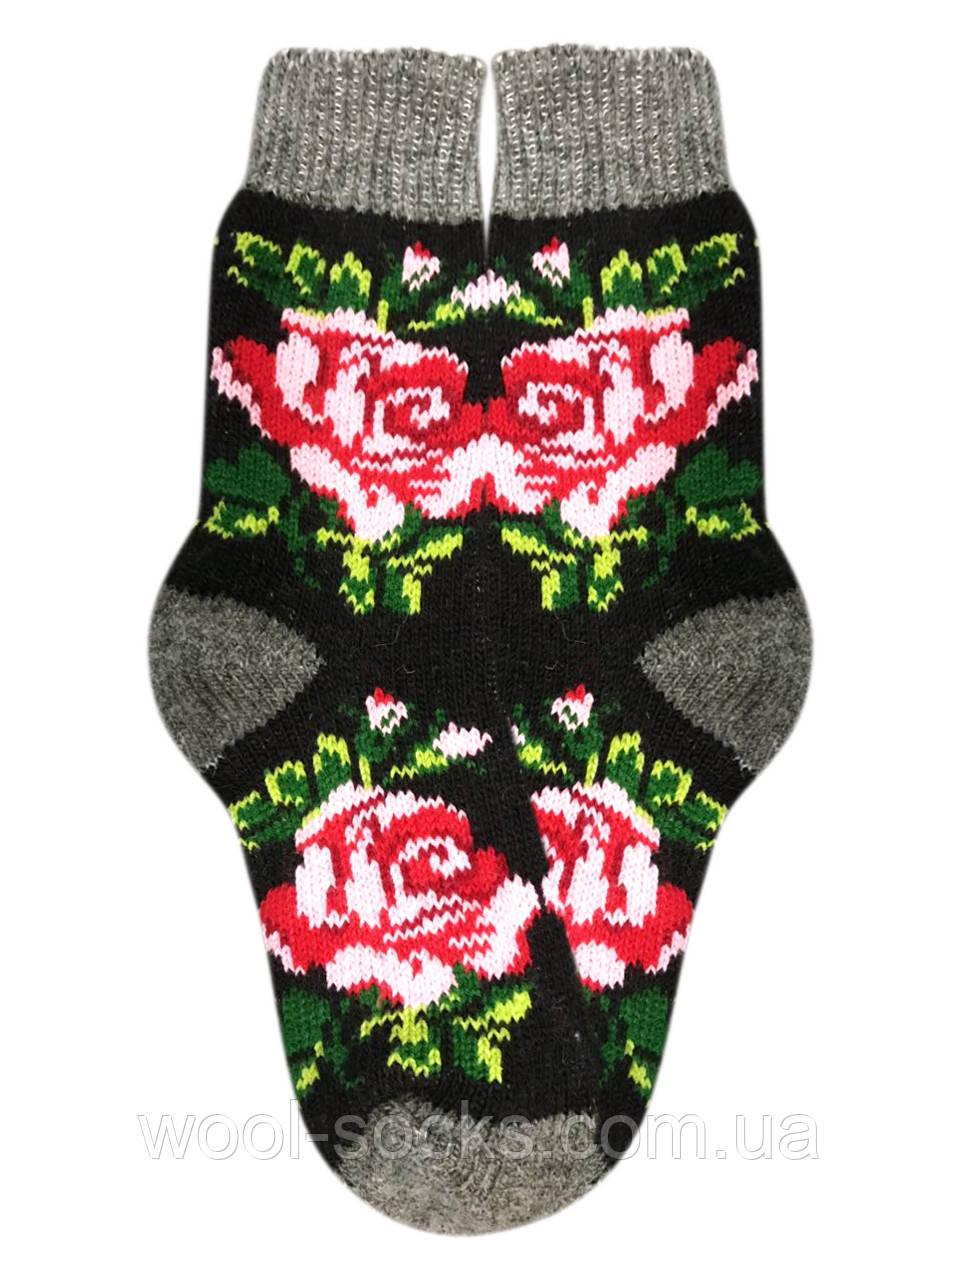 Шерстяные носки вязаные